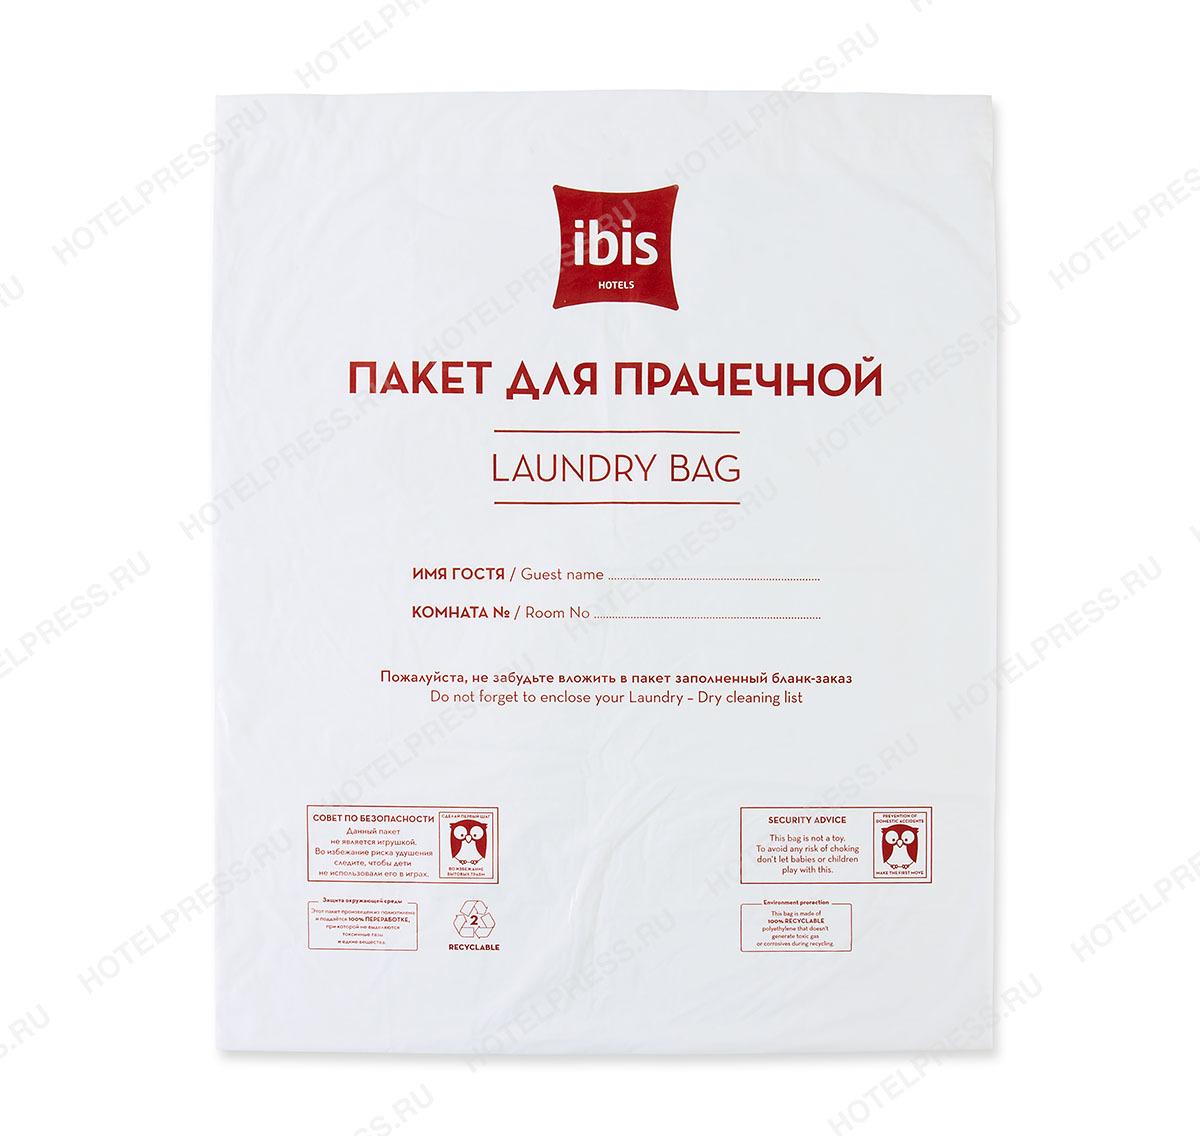 """Пакет для прачечной отеля """"Iris"""""""